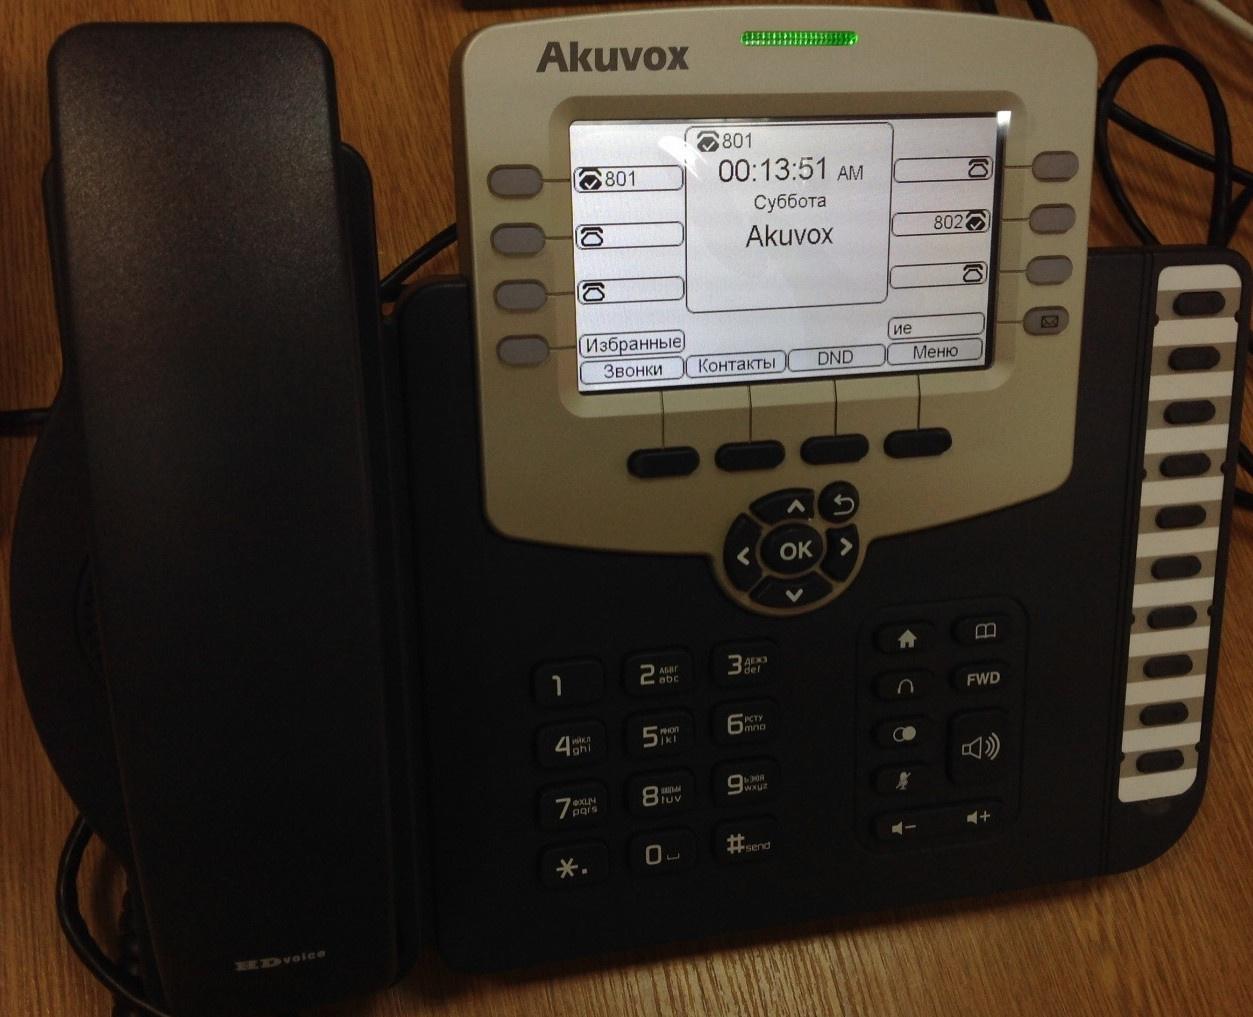 Опыт поднятия IP телефонии в отеле - 15